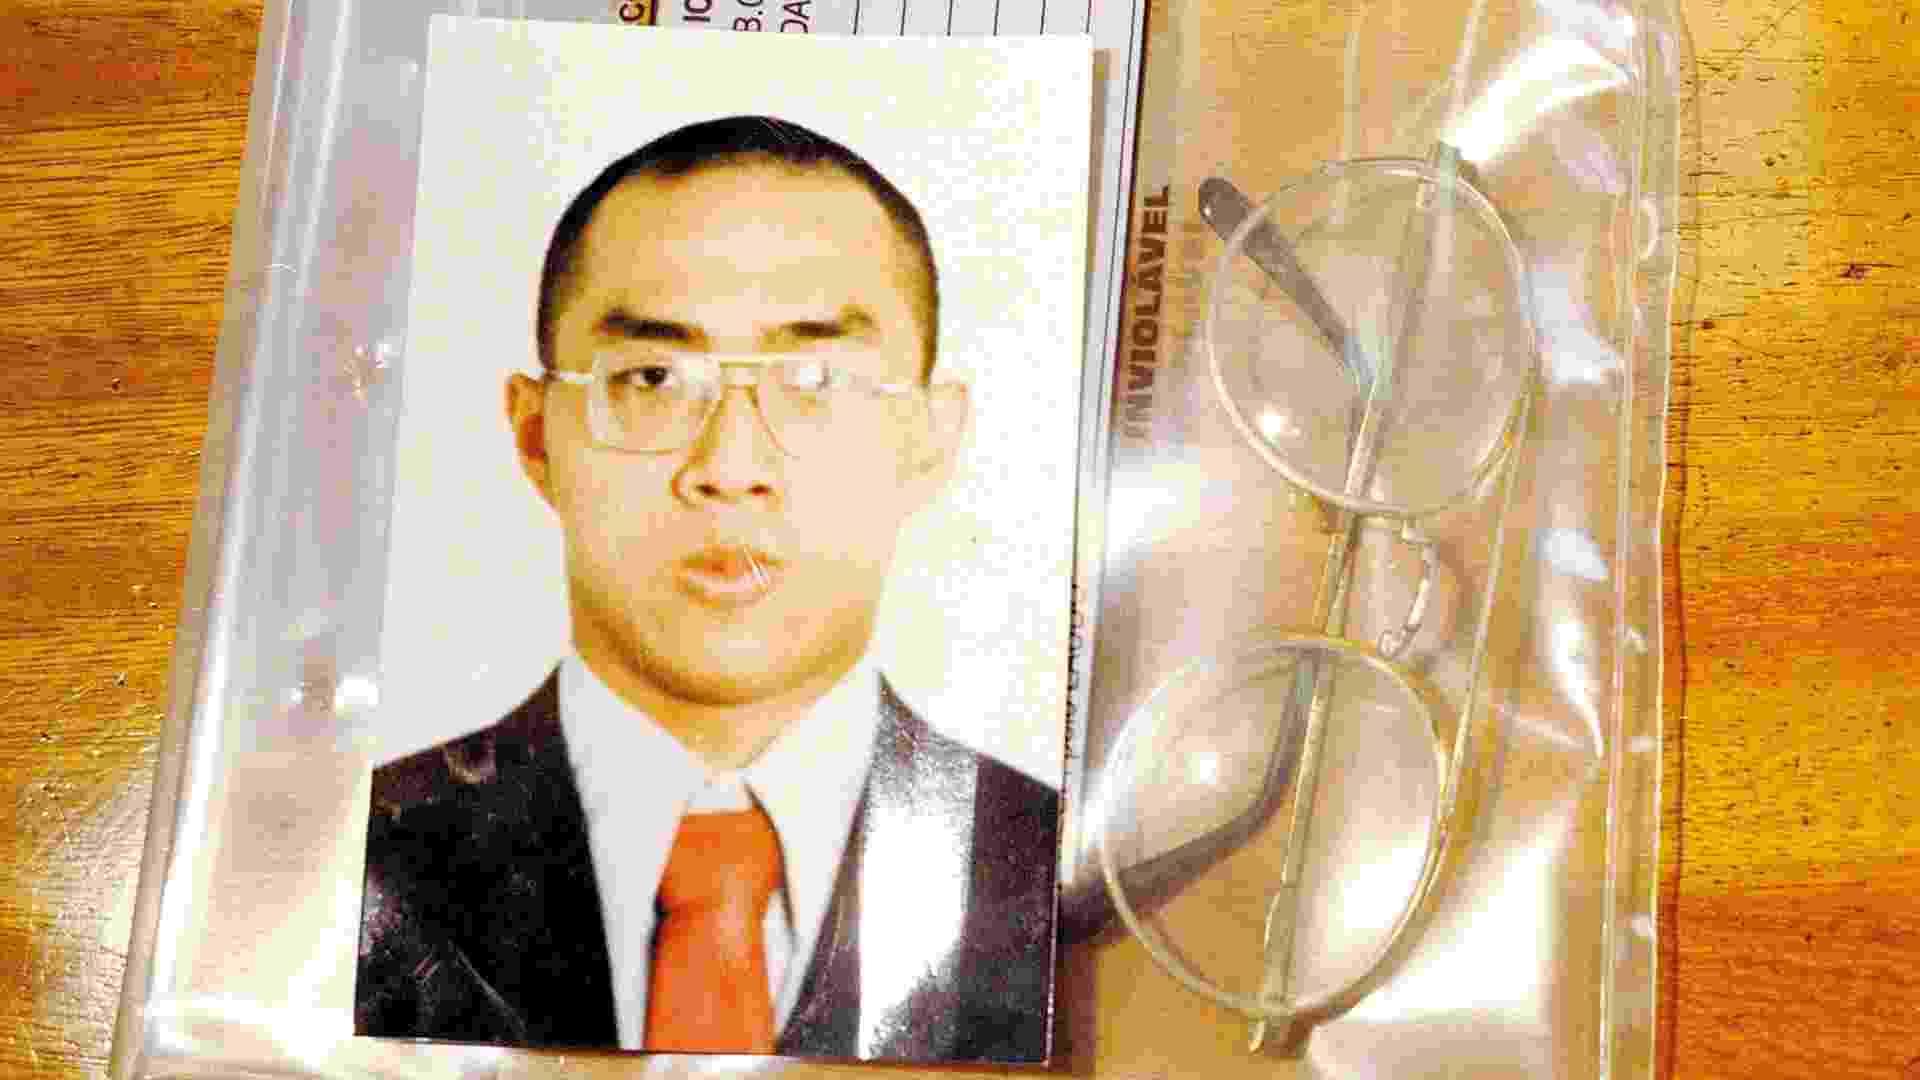 19.abr.1999 - O calouro da Faculdade de Medicina da USP, Edison Tsung Chi Hsueh, foi encontrado morto dentro de uma piscina após um churrasco de recepção organizado por veteranos - César Rodrigues/Folhapress